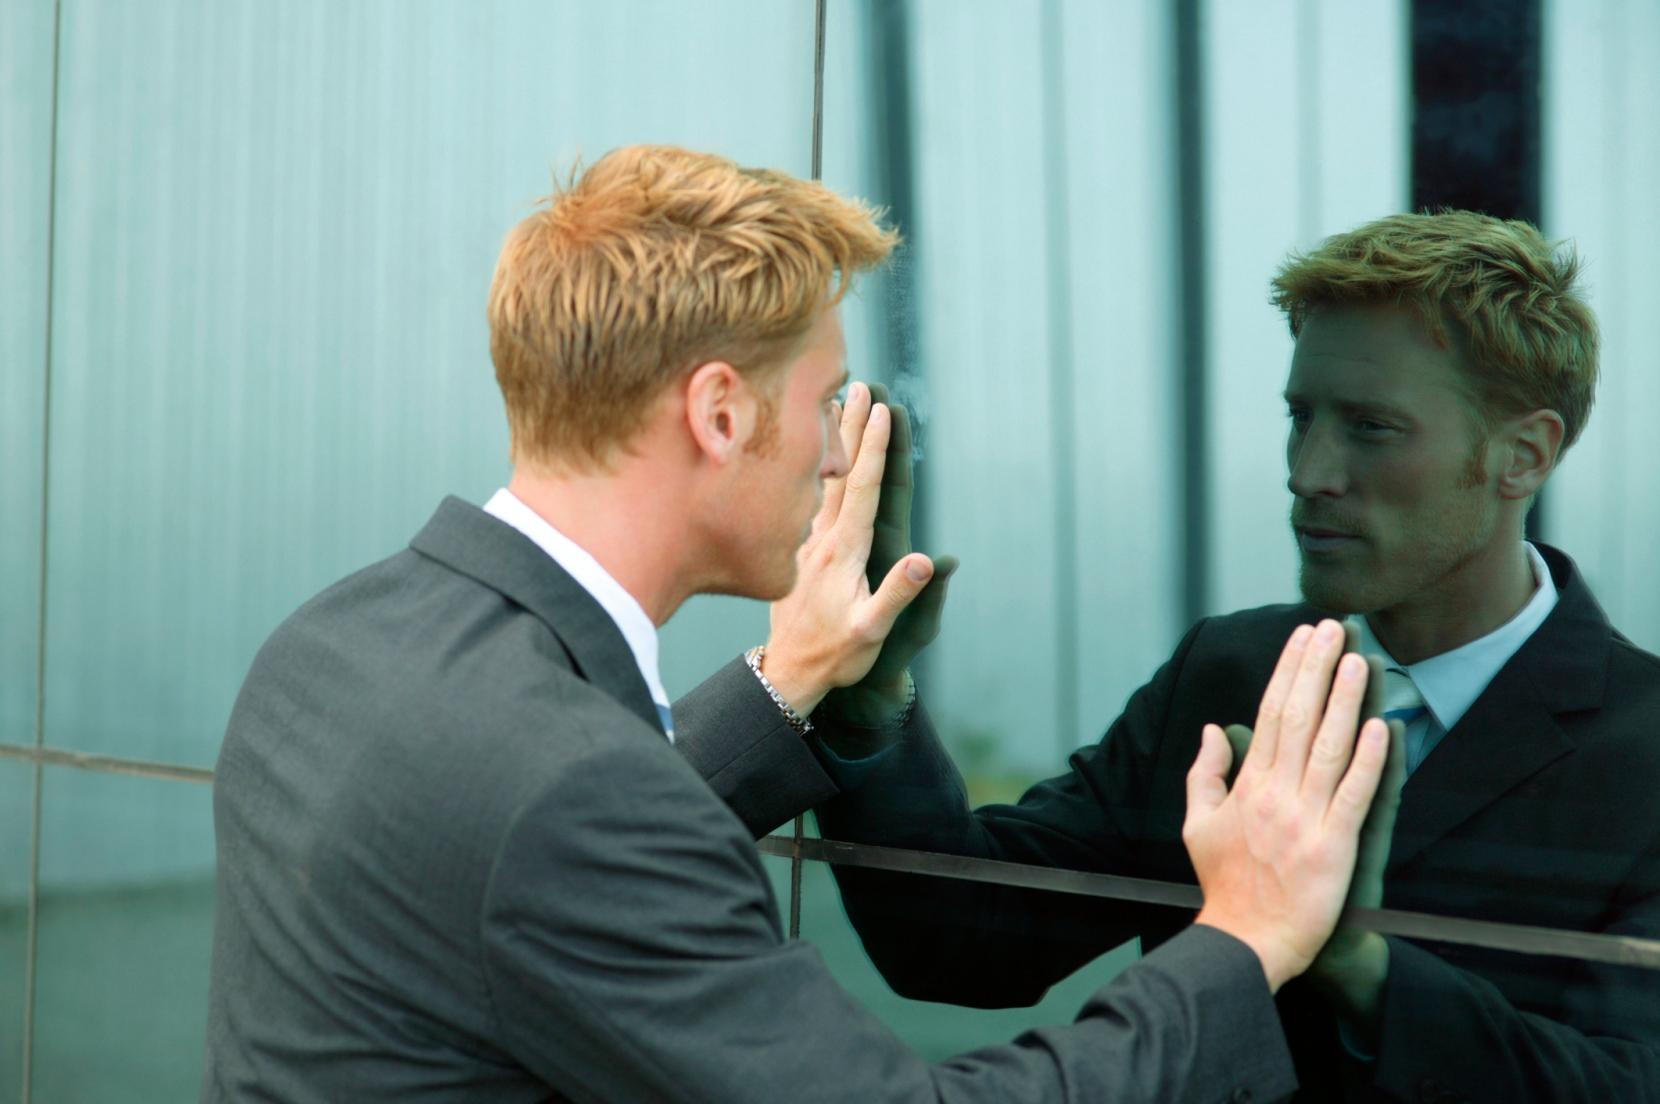 Resultado de imagen para hombre hablando al espejo